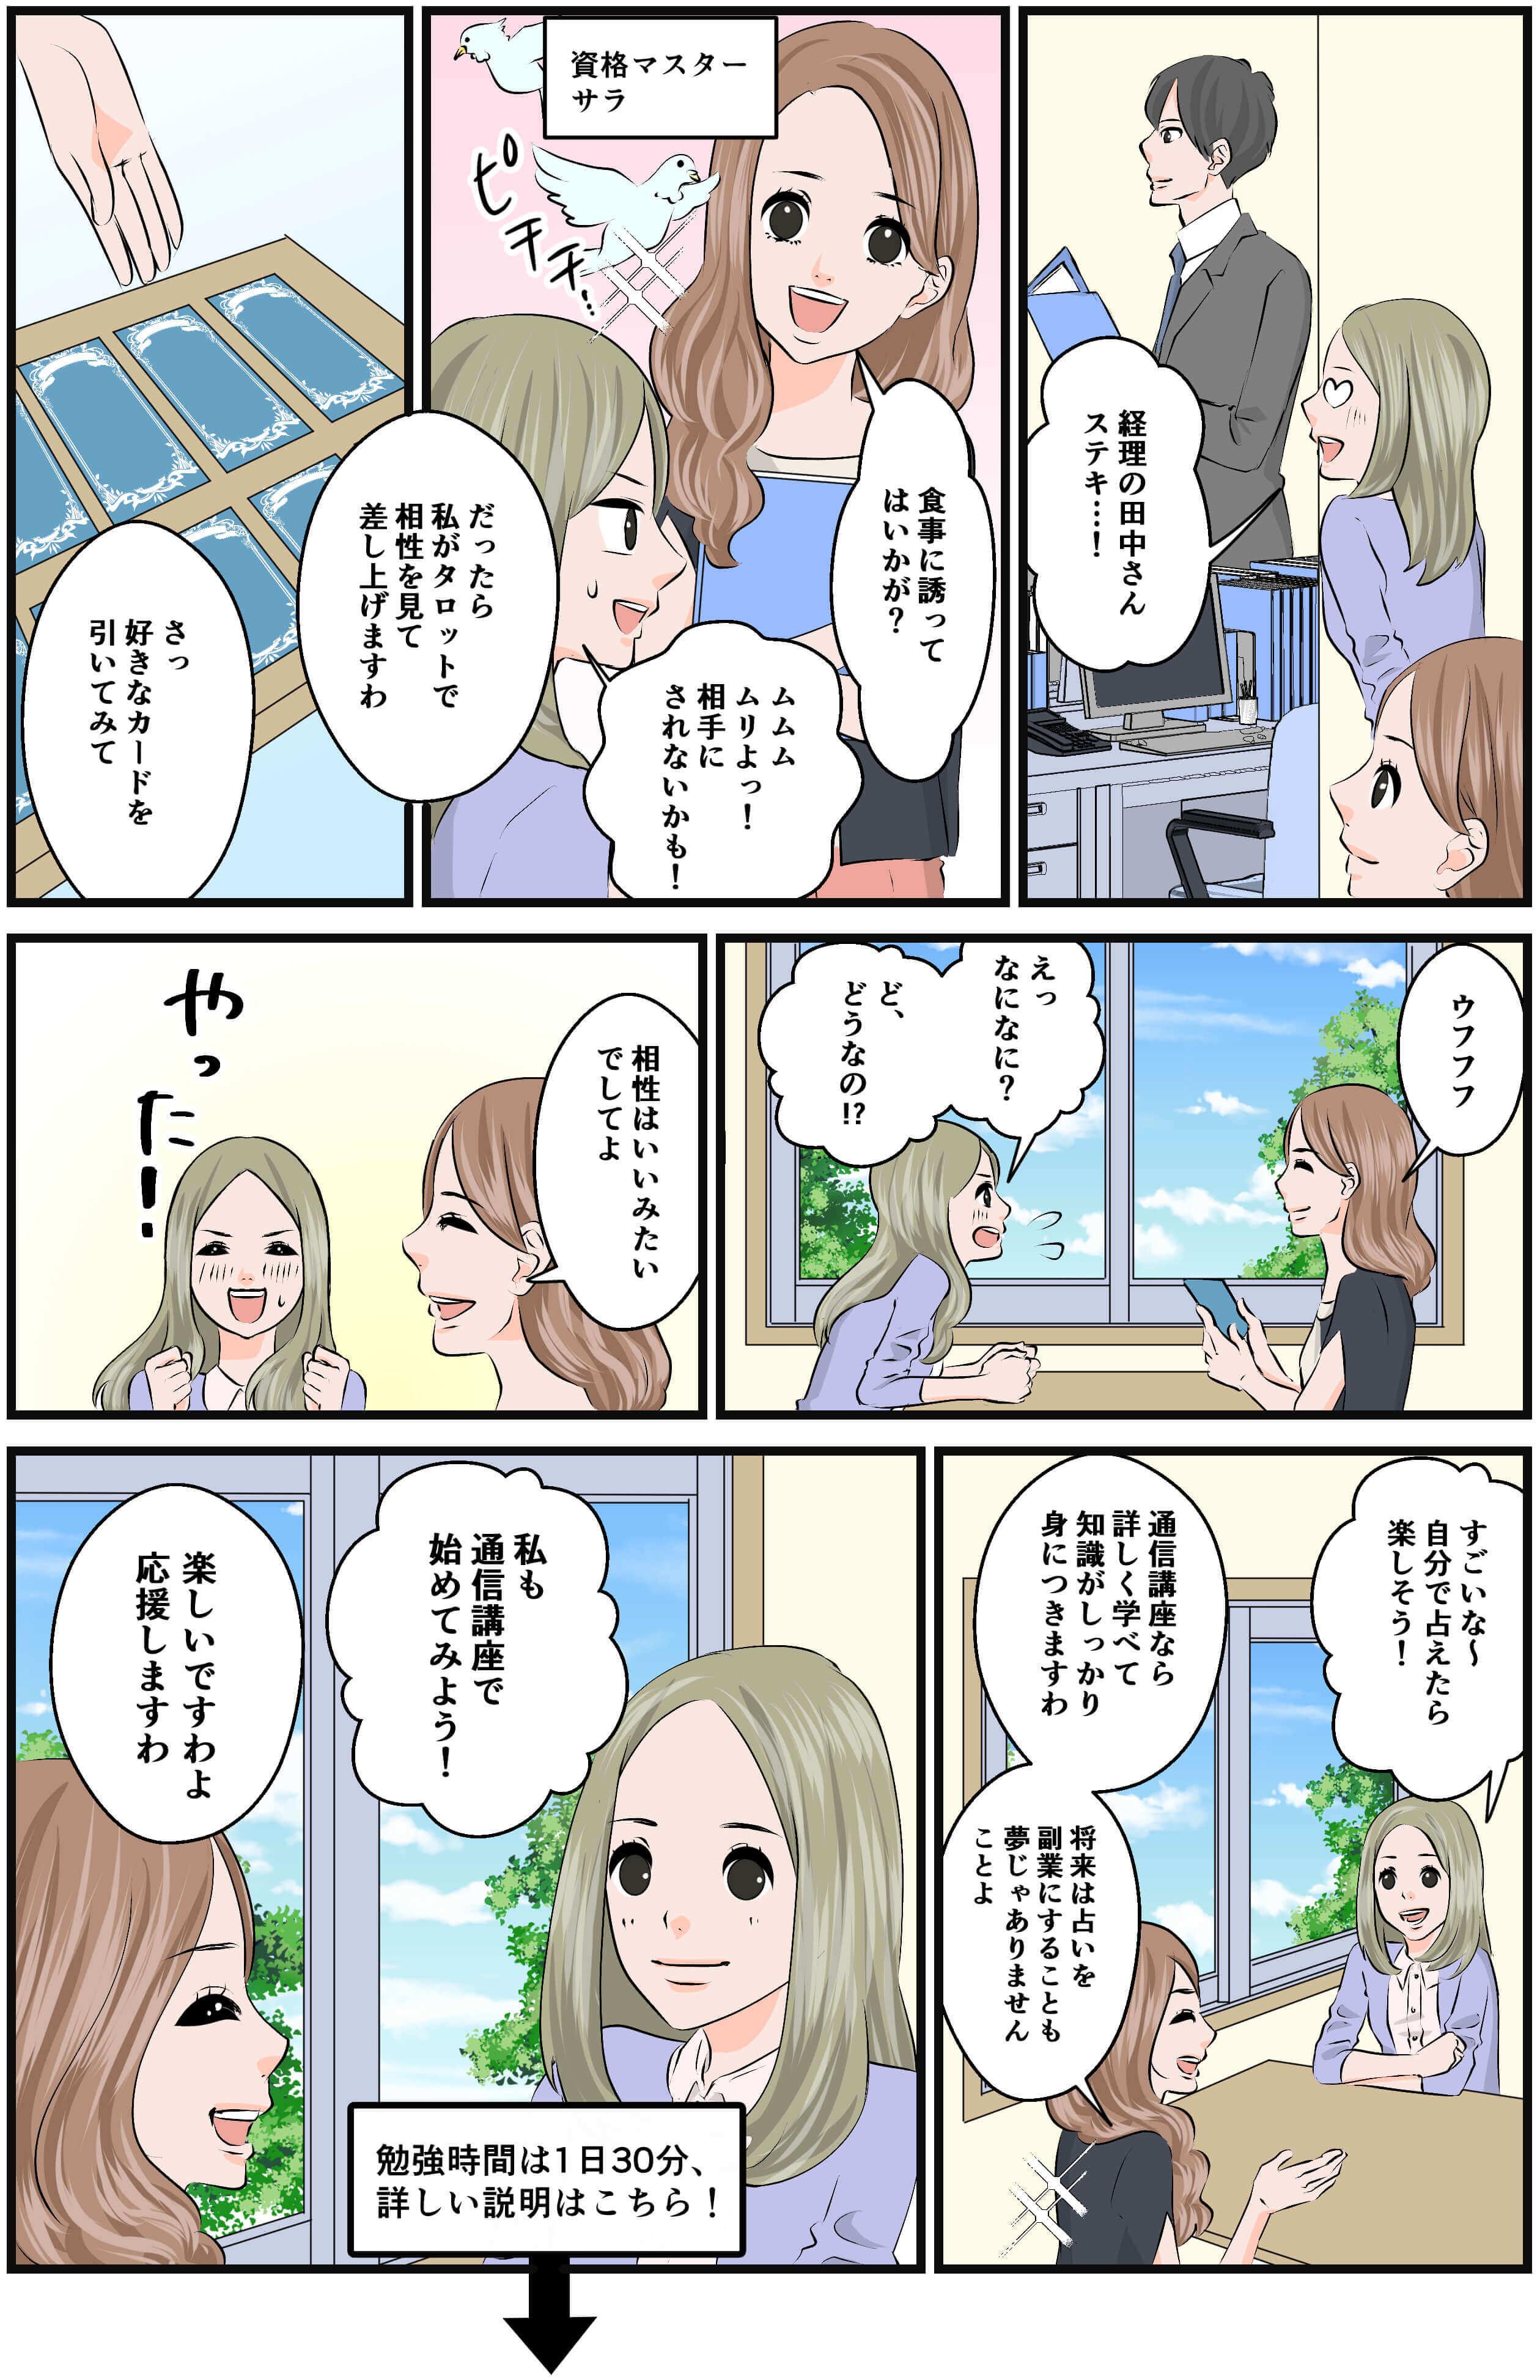 タロットカード占いの漫画